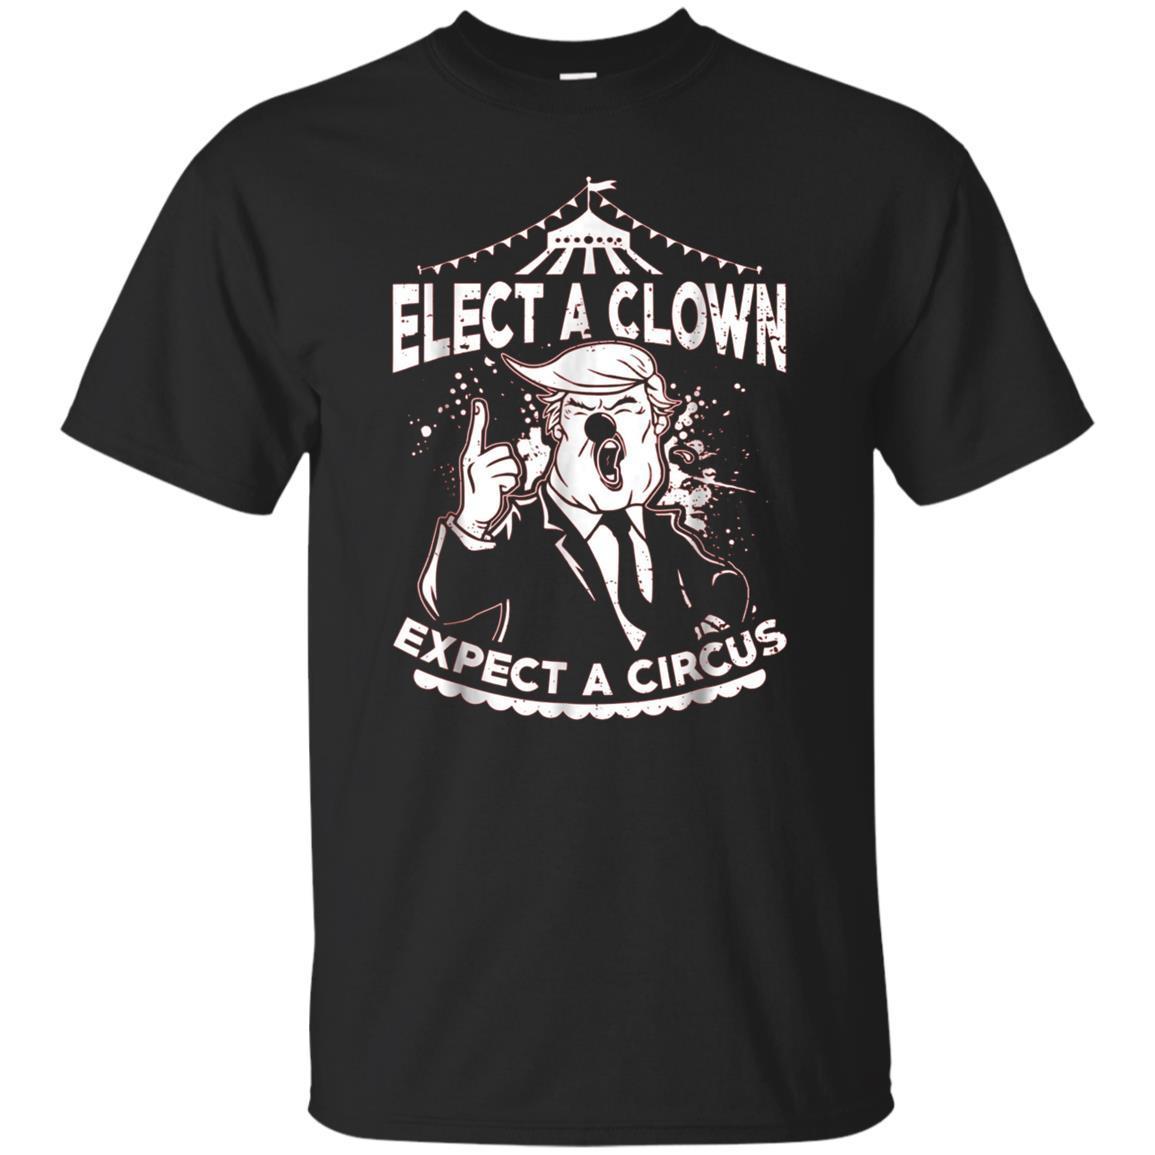 Elect A Clown Expect A Circus – Anti Trump Resist shirt